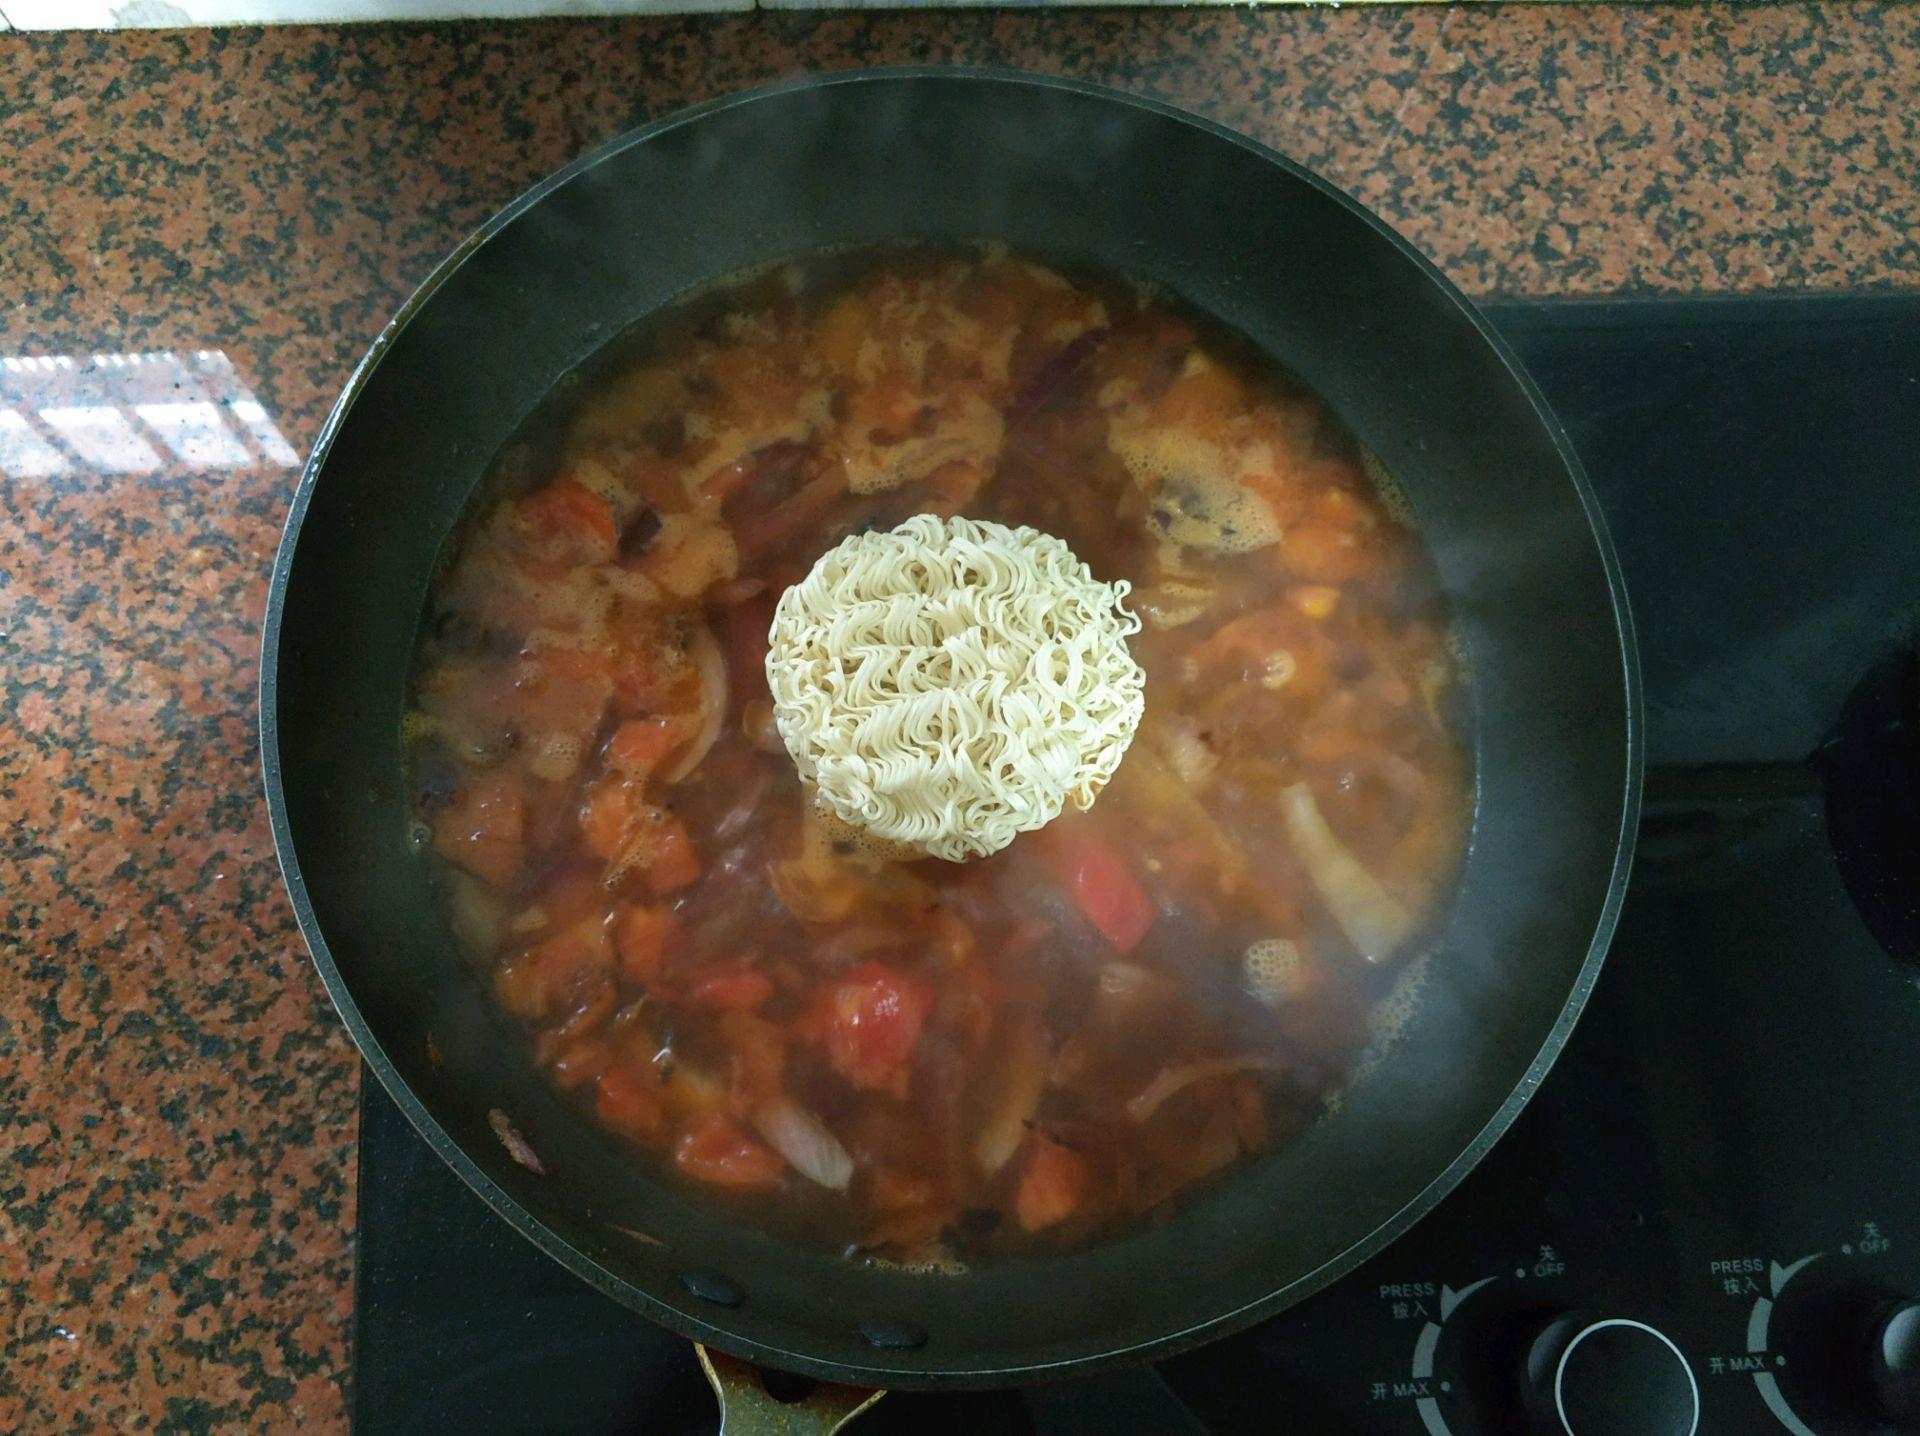 """Món mì tôm """"tầm thường"""" sẽ trở nên ngon """"đẳng cấp"""" sau khi bạn nấu theo cách này - Ảnh 5"""